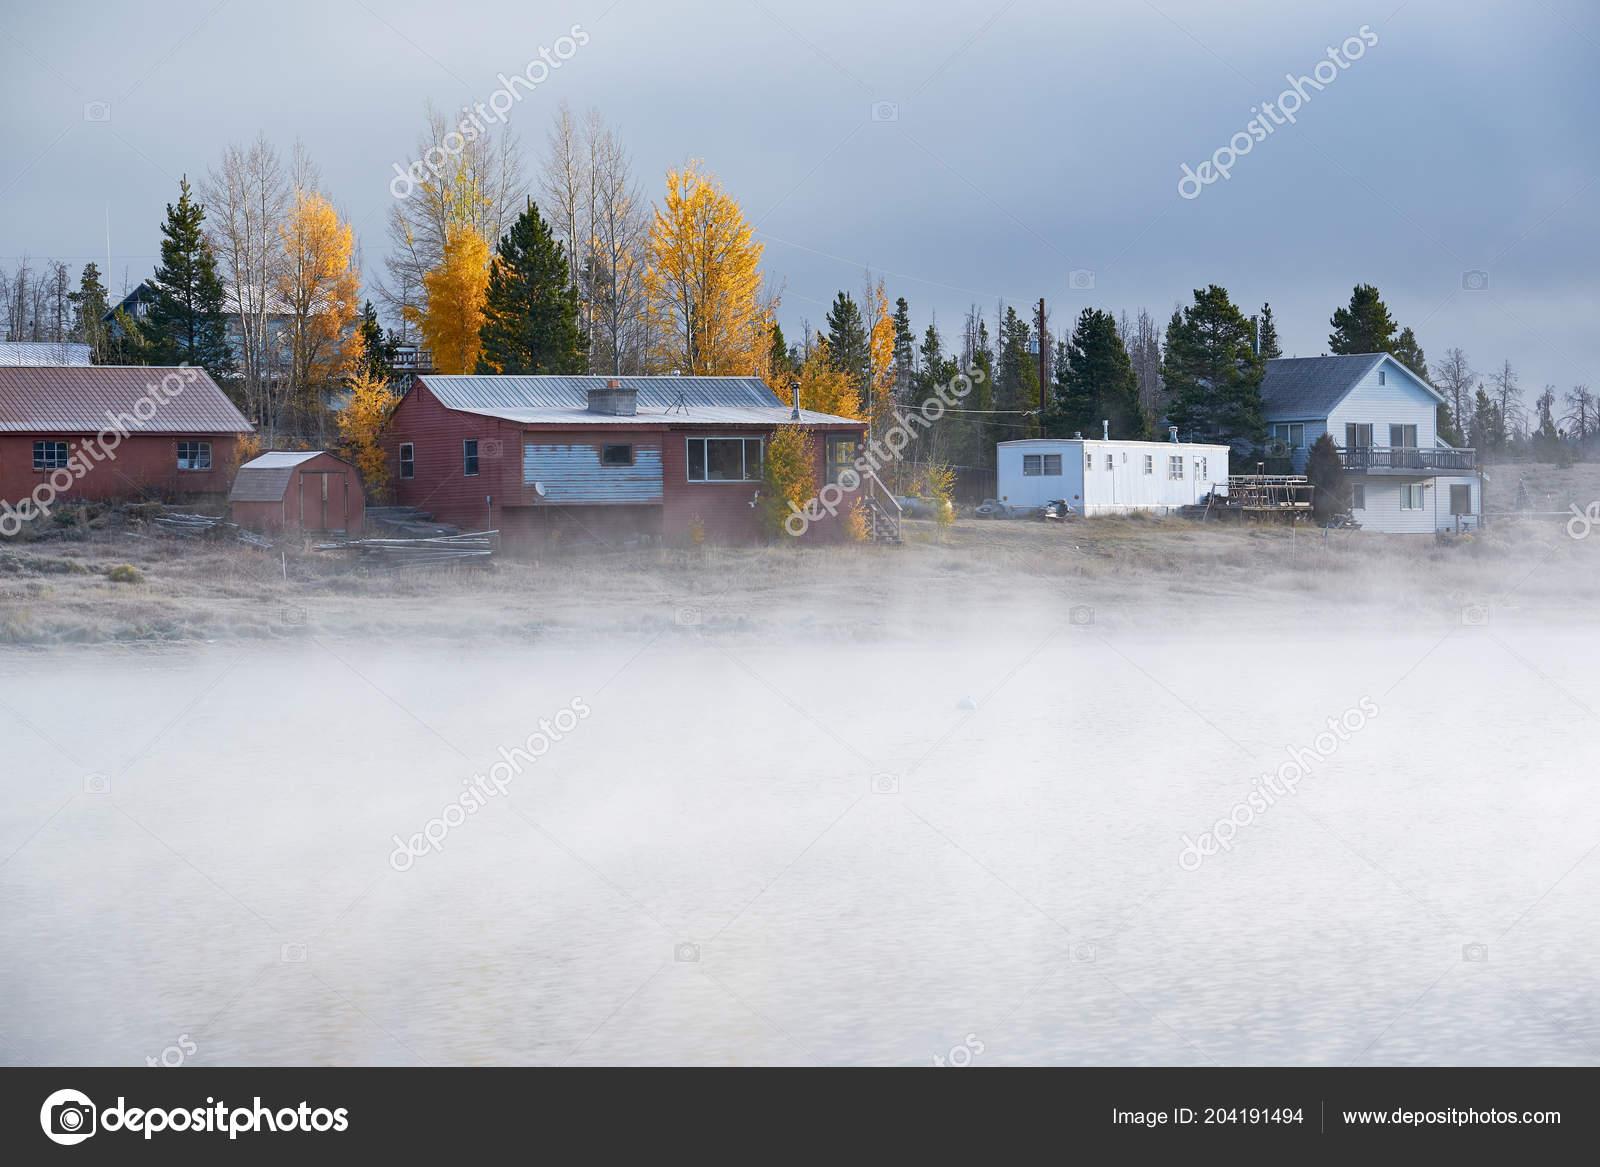 Morgen Nebel Nebeligen Herbstlandschaft Shadow Mountain Lake Rocky